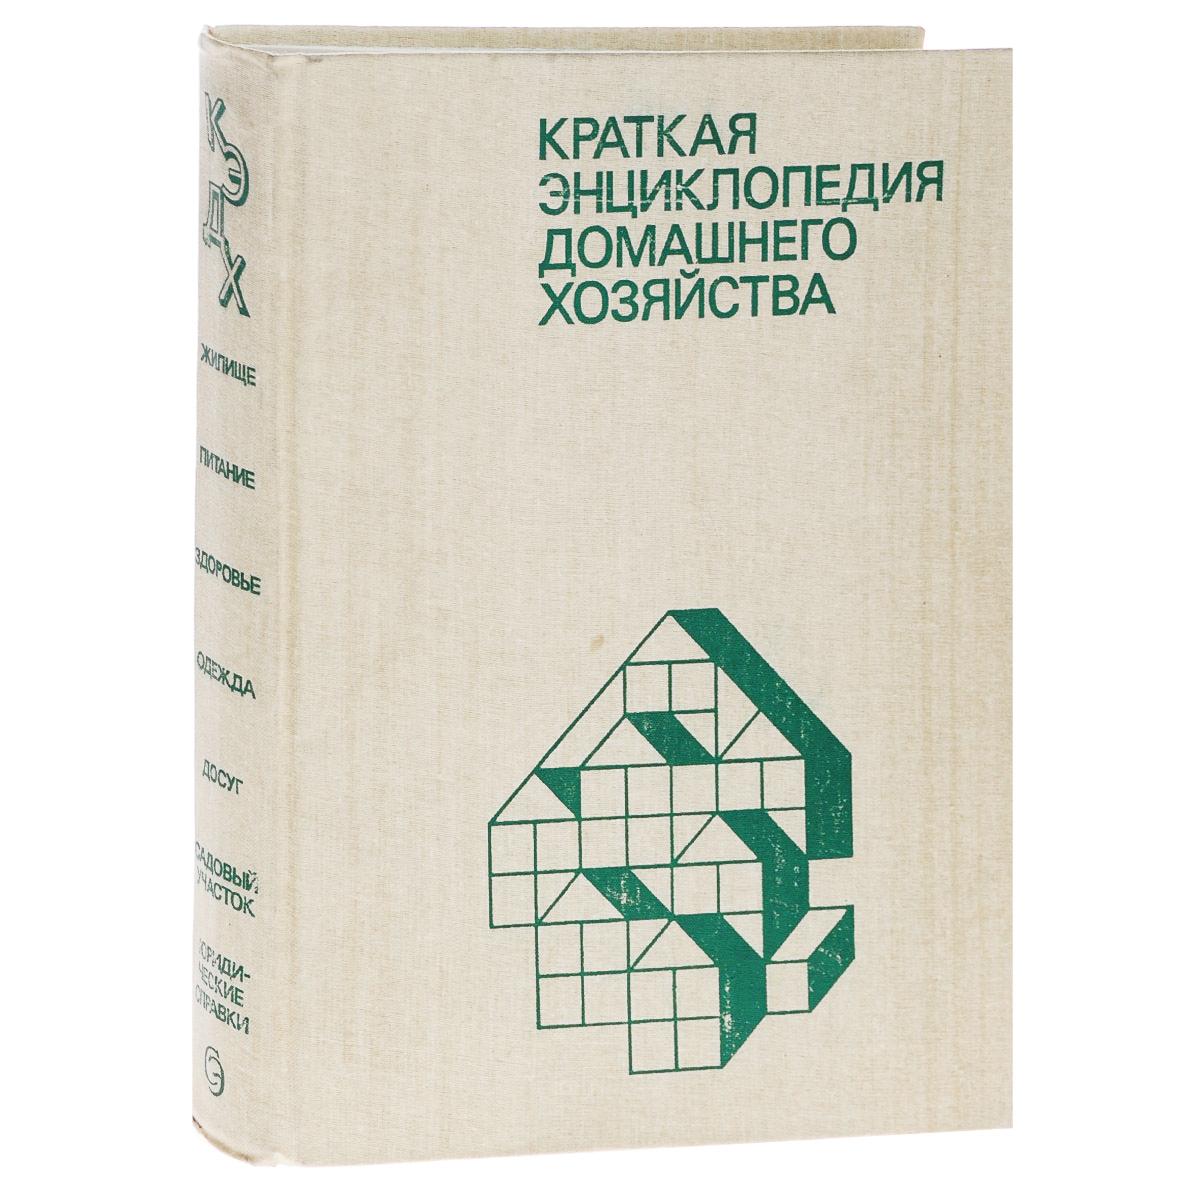 Краткая энциклопедия домашнего хозяйства краткая энциклопедия домашнего хозяйства